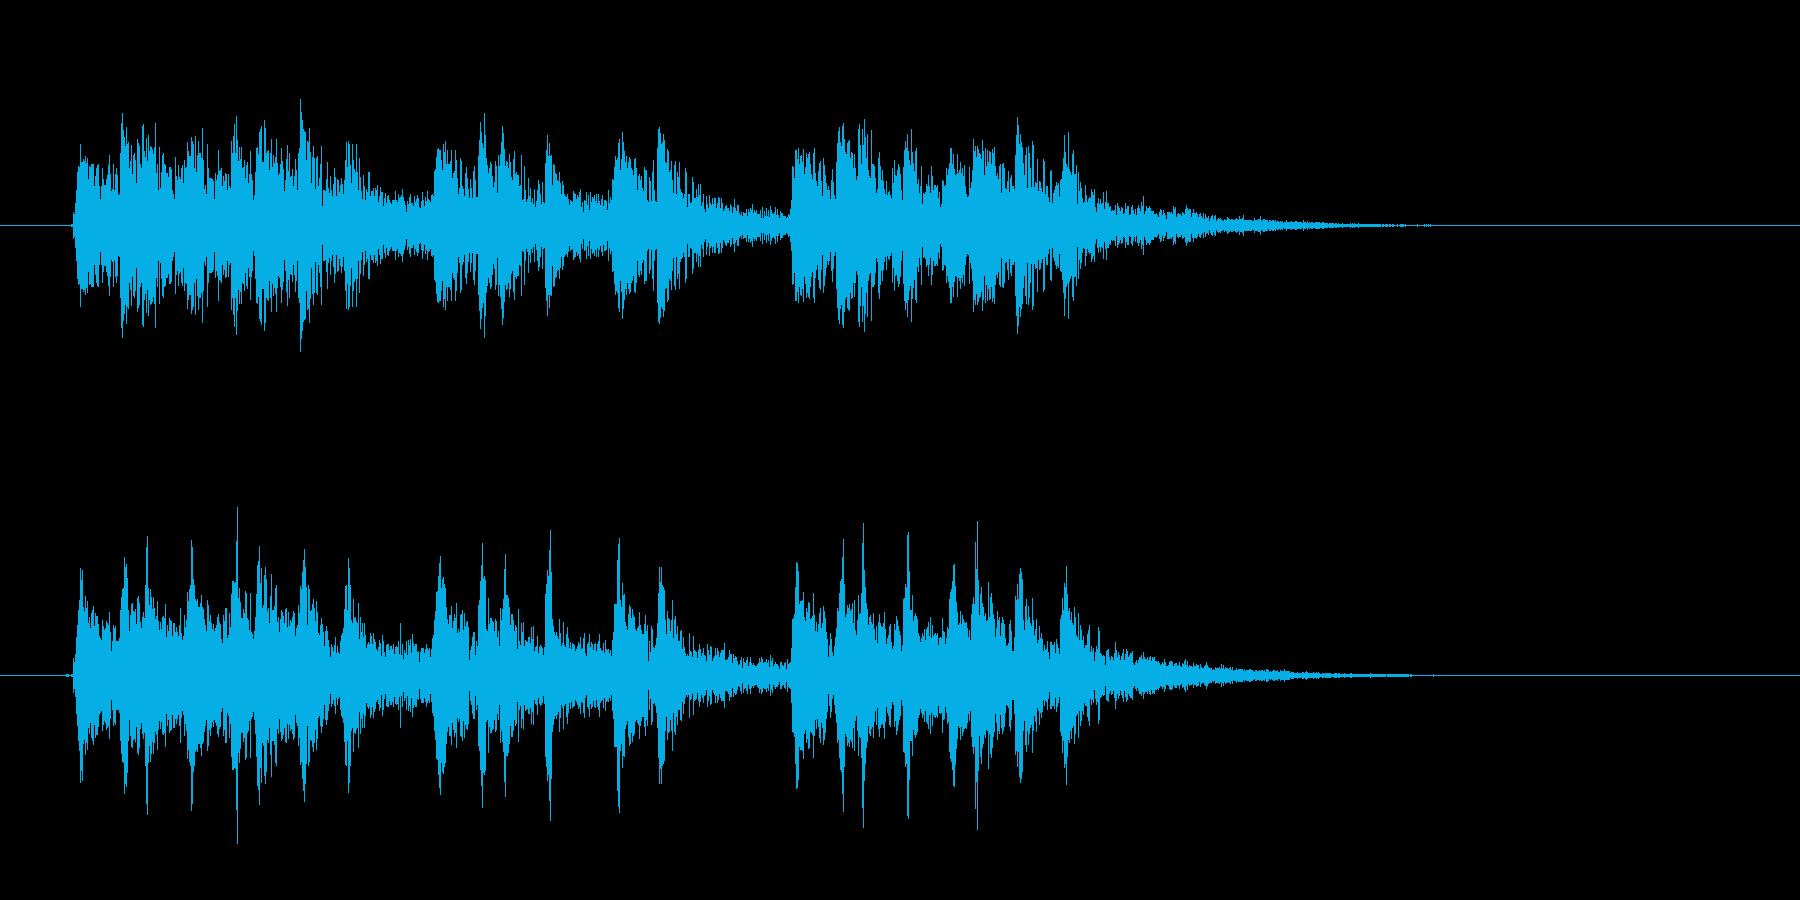 激しくキラキラとしたテクノ音楽の再生済みの波形